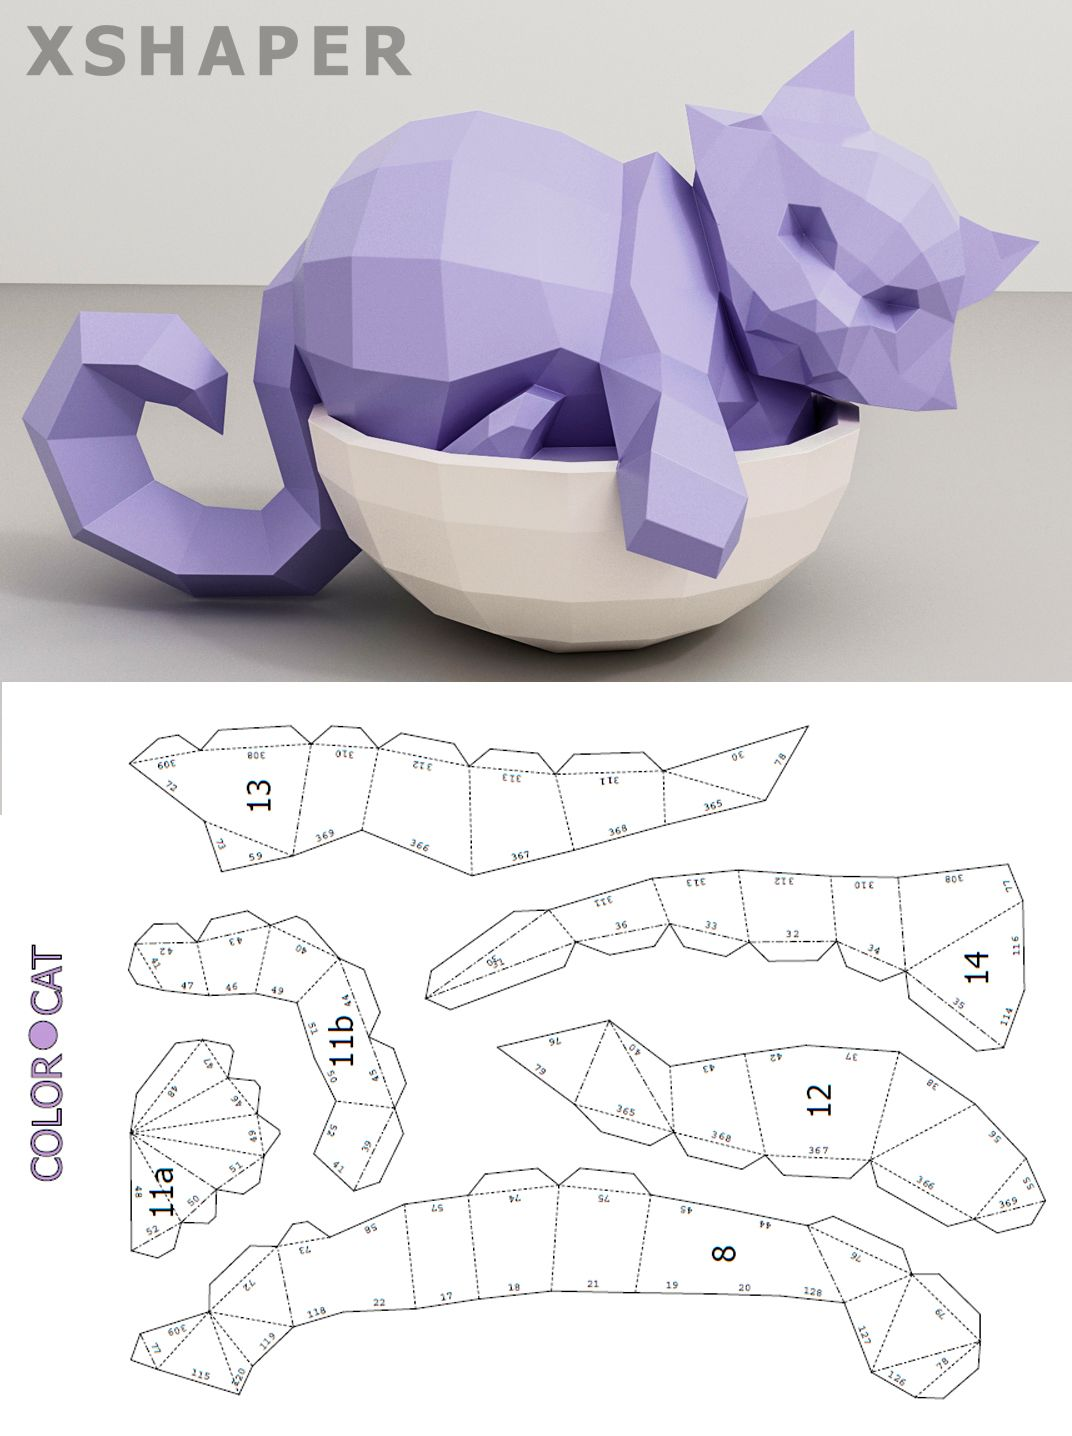 Papercraft Cat In A Bowl 3d Paper Craft Cat Model Digital Etsy 3d Paper Crafts Paper Crafts Origami Paper Crafts Diy